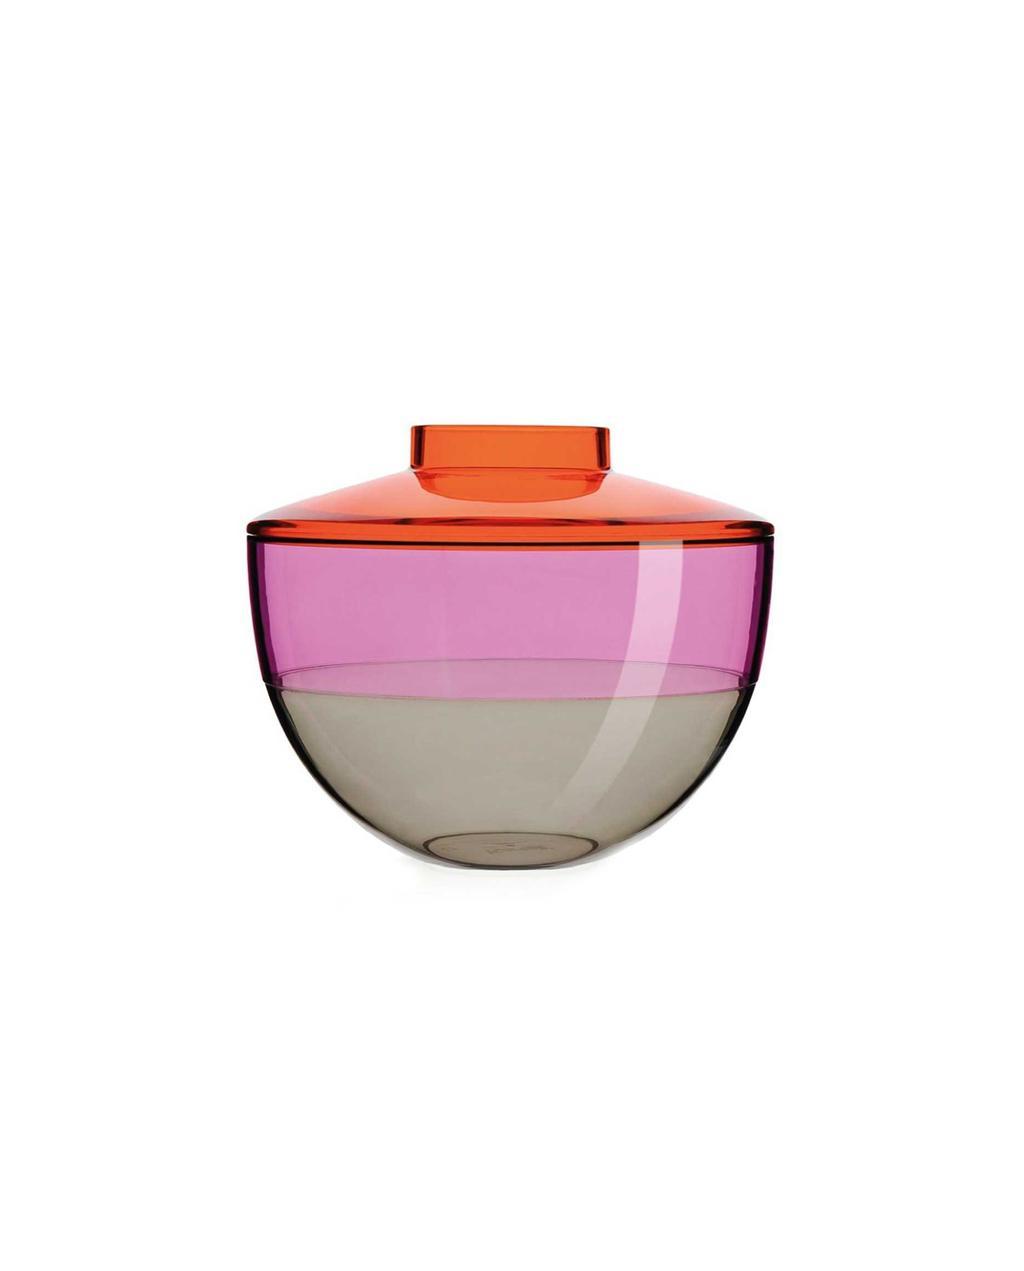 Glazen vaas met oranje roze en grijze kleuren